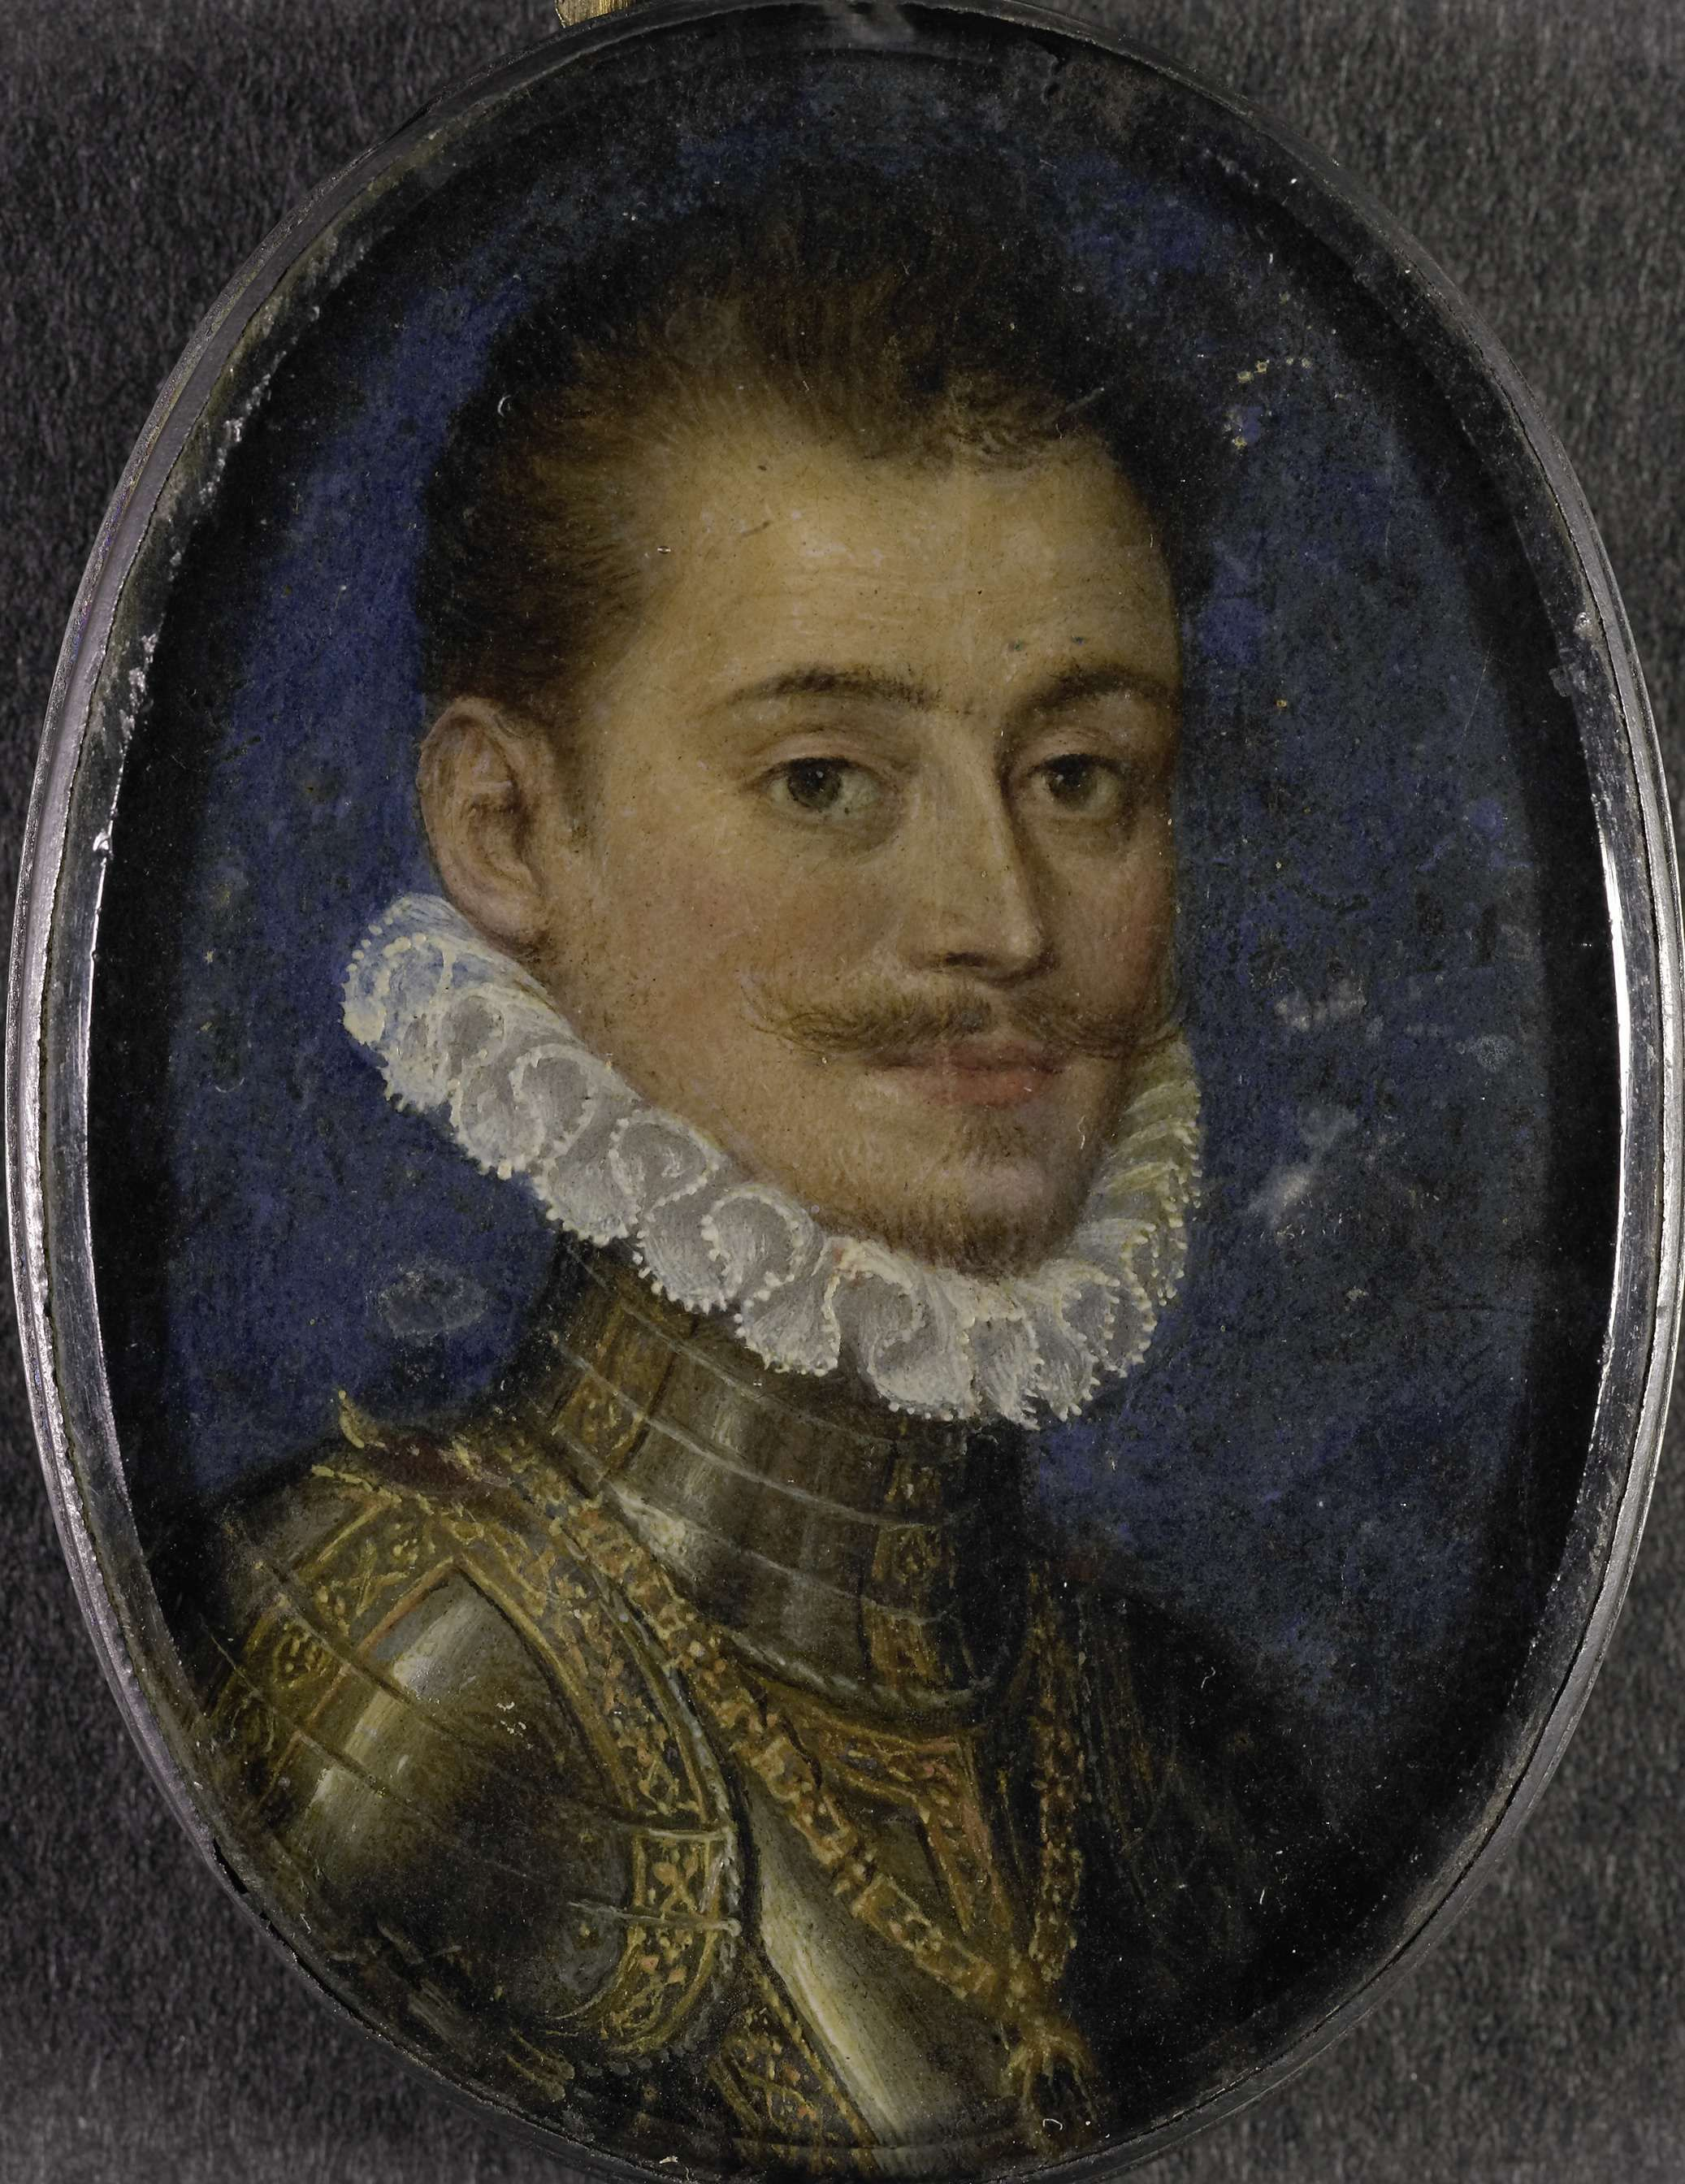 Anonymous | Don Juan van Oostenrijk (1547-87). Landvoogd der Nederlanden, Anonymous, 1560 - 1580 | Portret van Don Juan van Oostenrijk (1547-87). Landvoogd der Nederlanden. Buste, naar rechts, aanziend, in wapenrusting. Onderdeel van de collectie portretminiaturen.